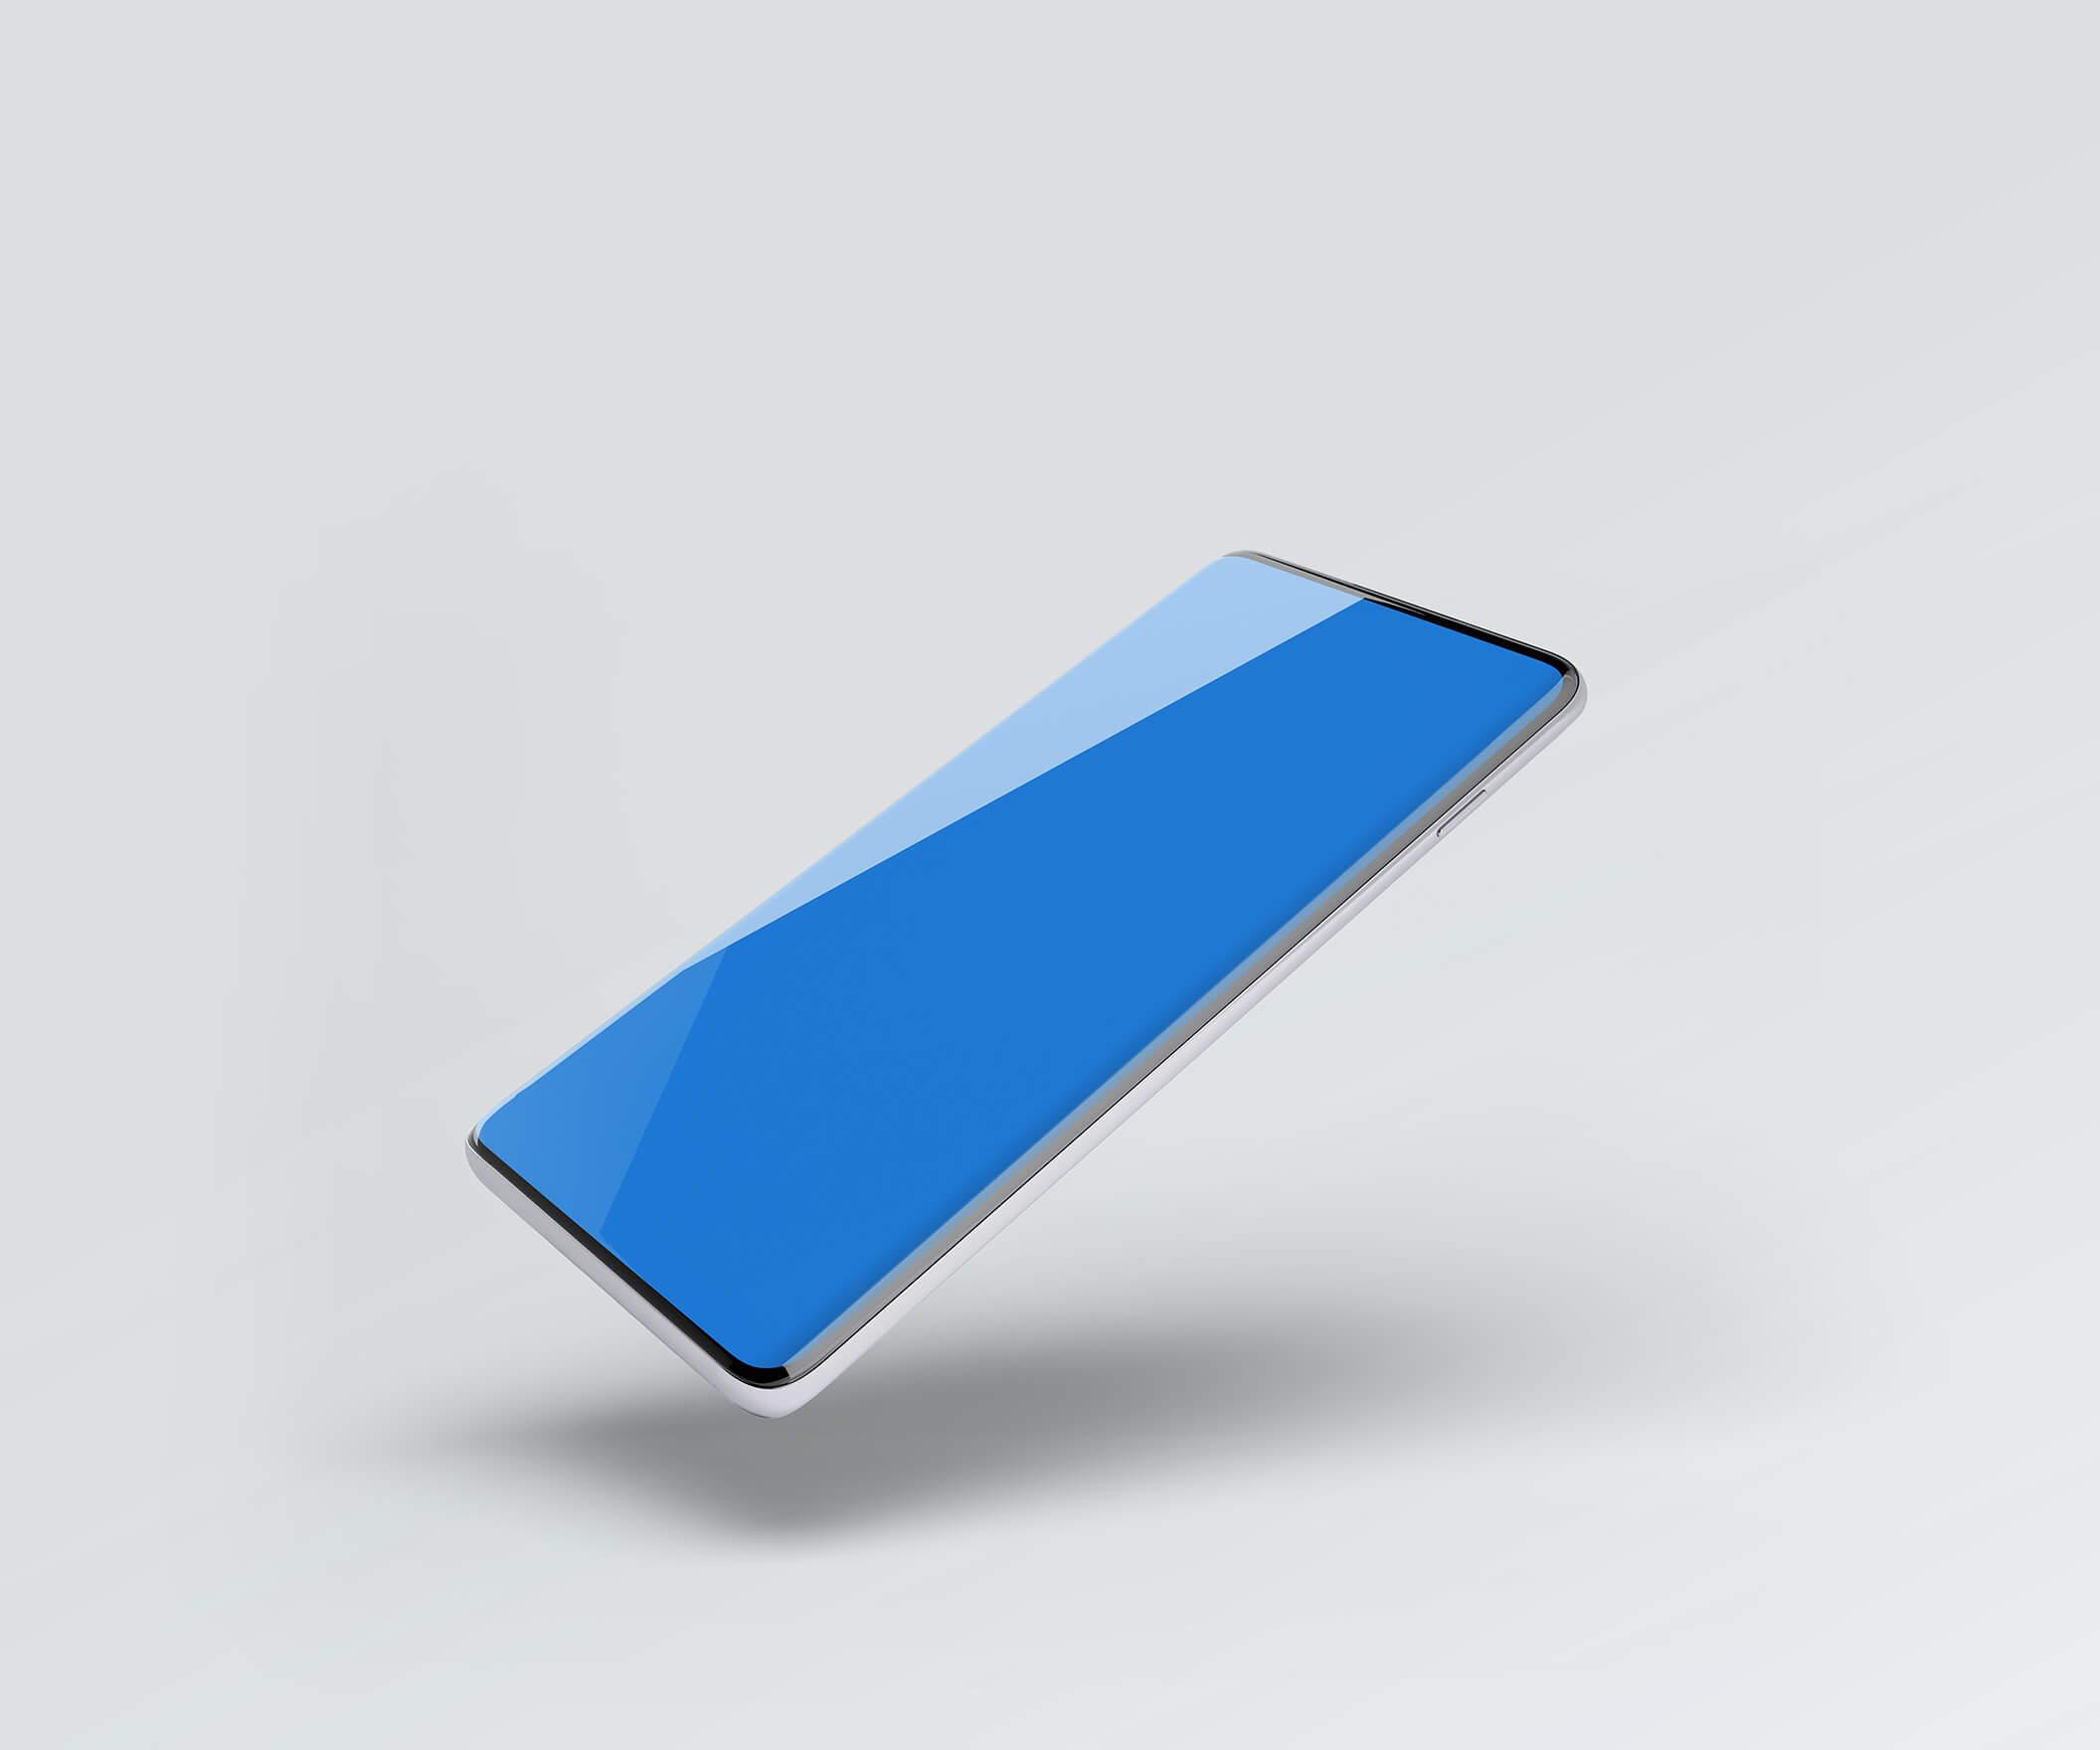 三星Galaxy S10最小电话样机套件模版素材Minimal Phones Mockup Kit插图(10)